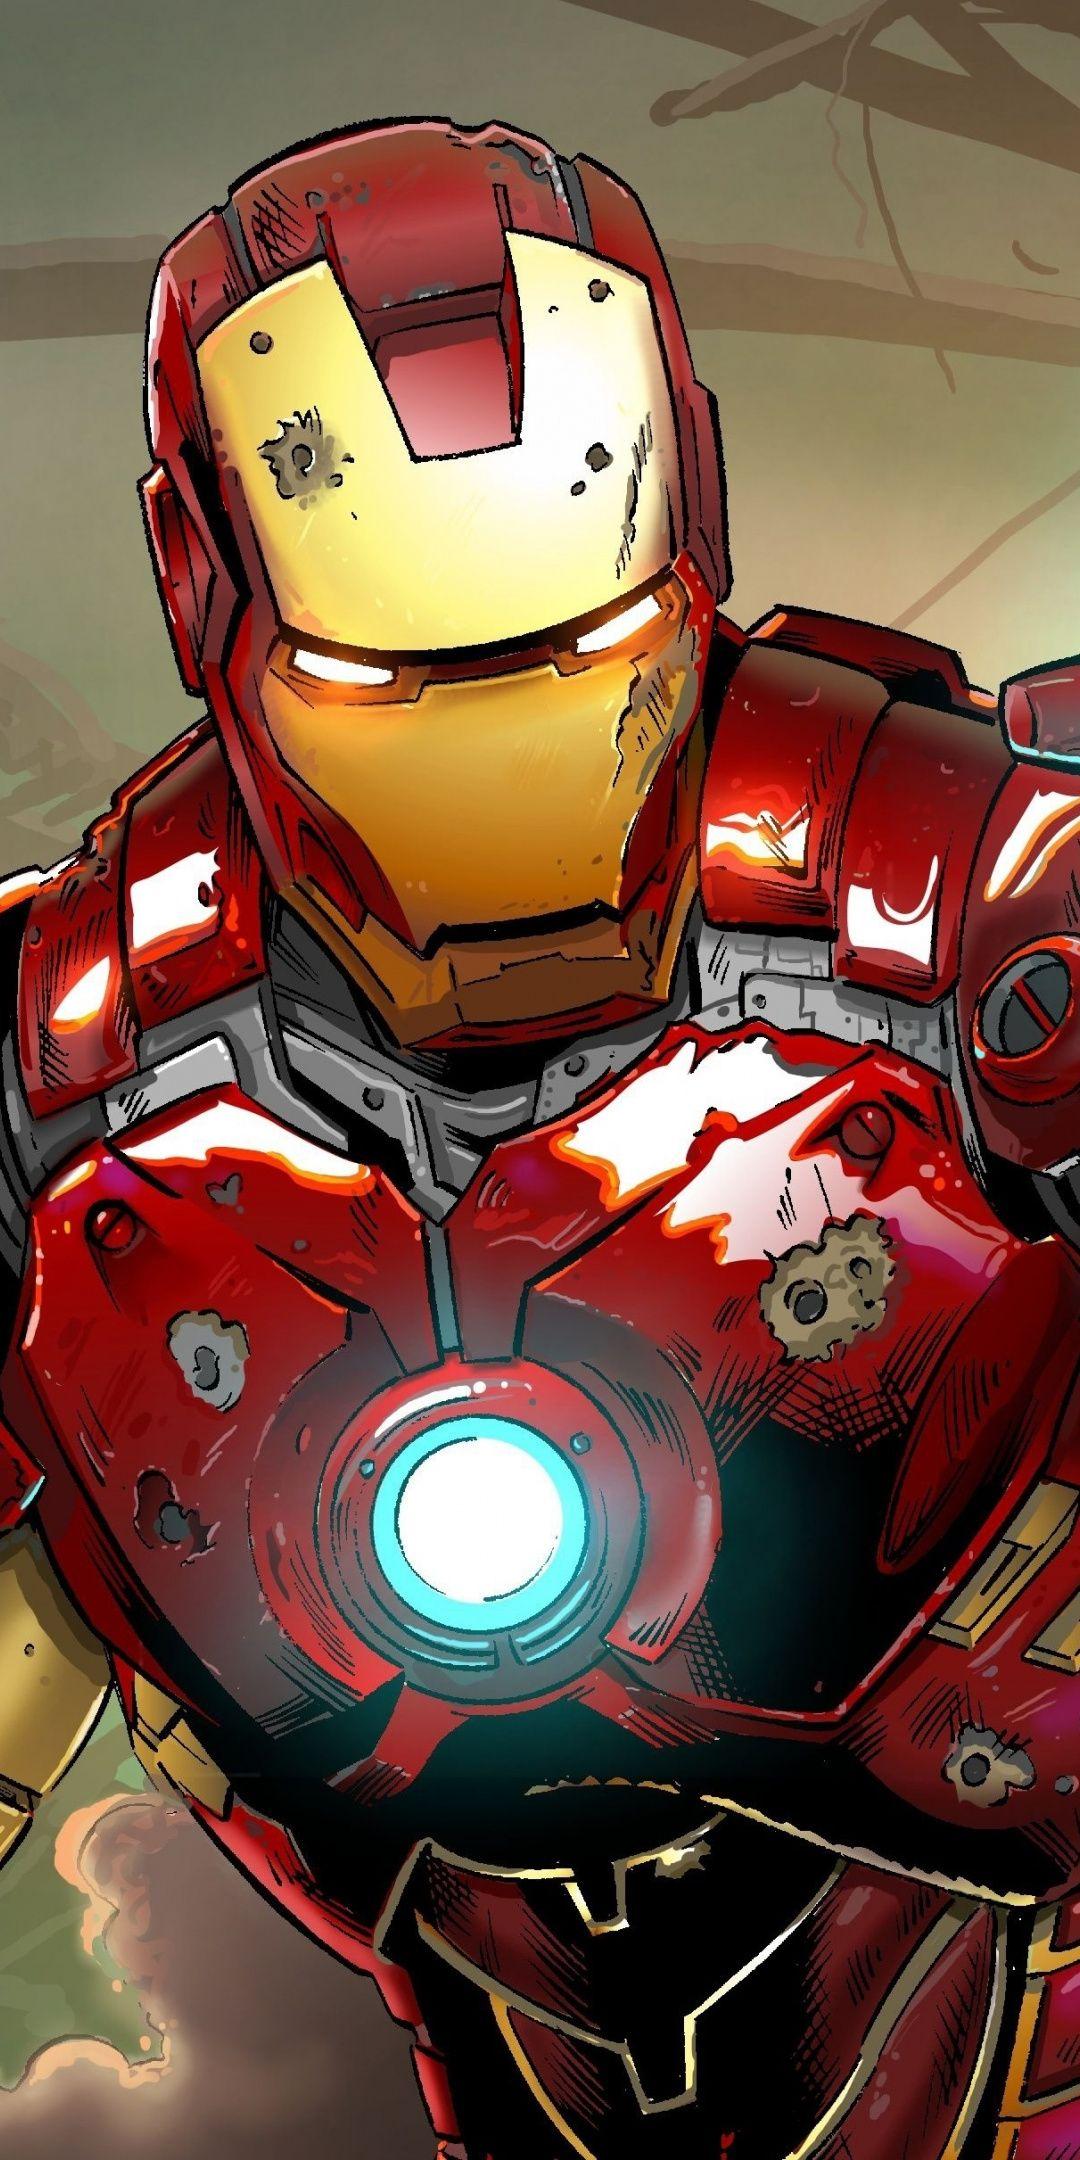 Iron Man Comicart 2019 1080x2160 Wallpaper Iron Man Art Iron